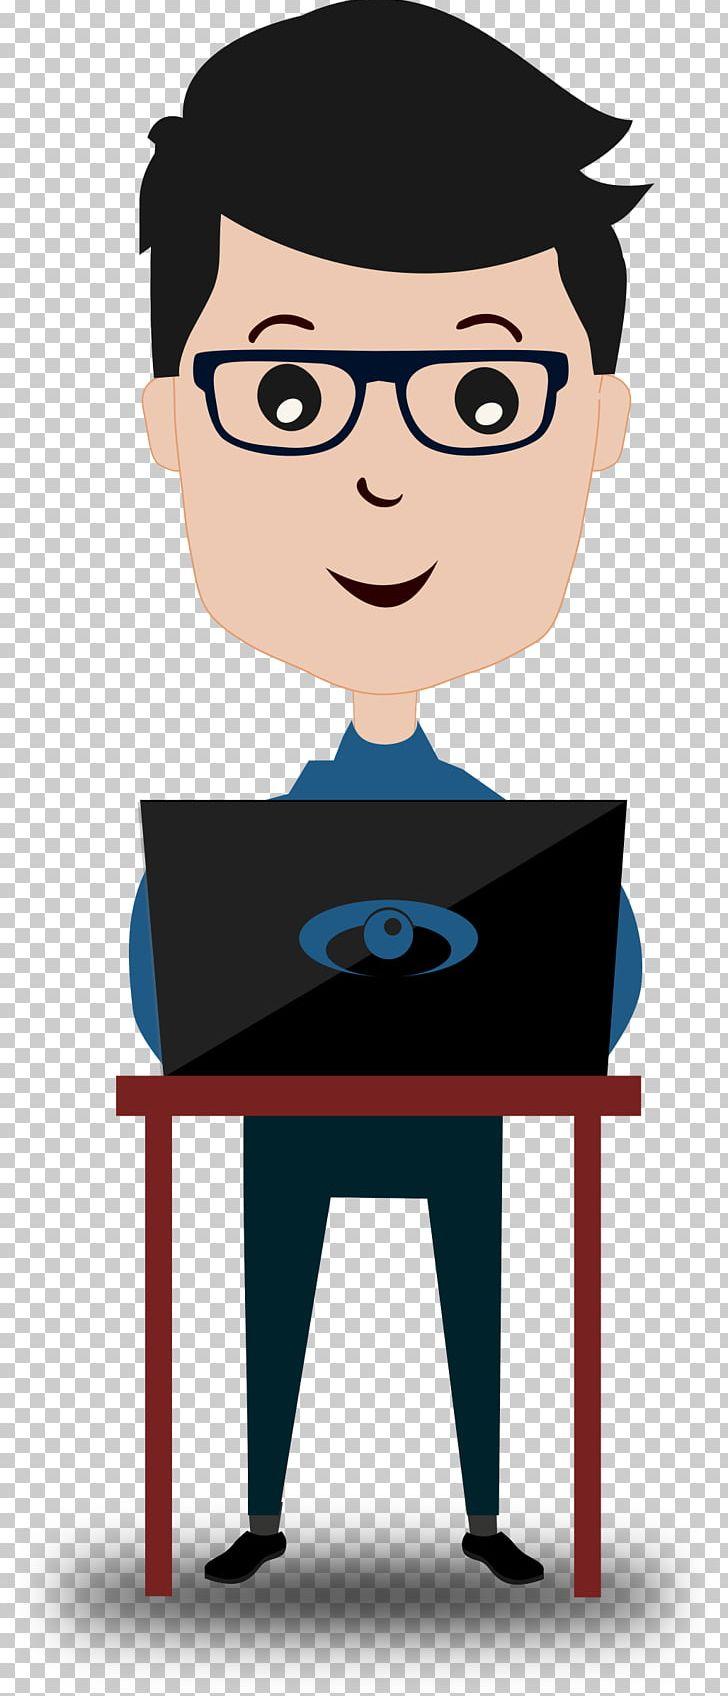 medium resolution of geek code nerd png clipart academician cartoon computer computerfreak download free png download